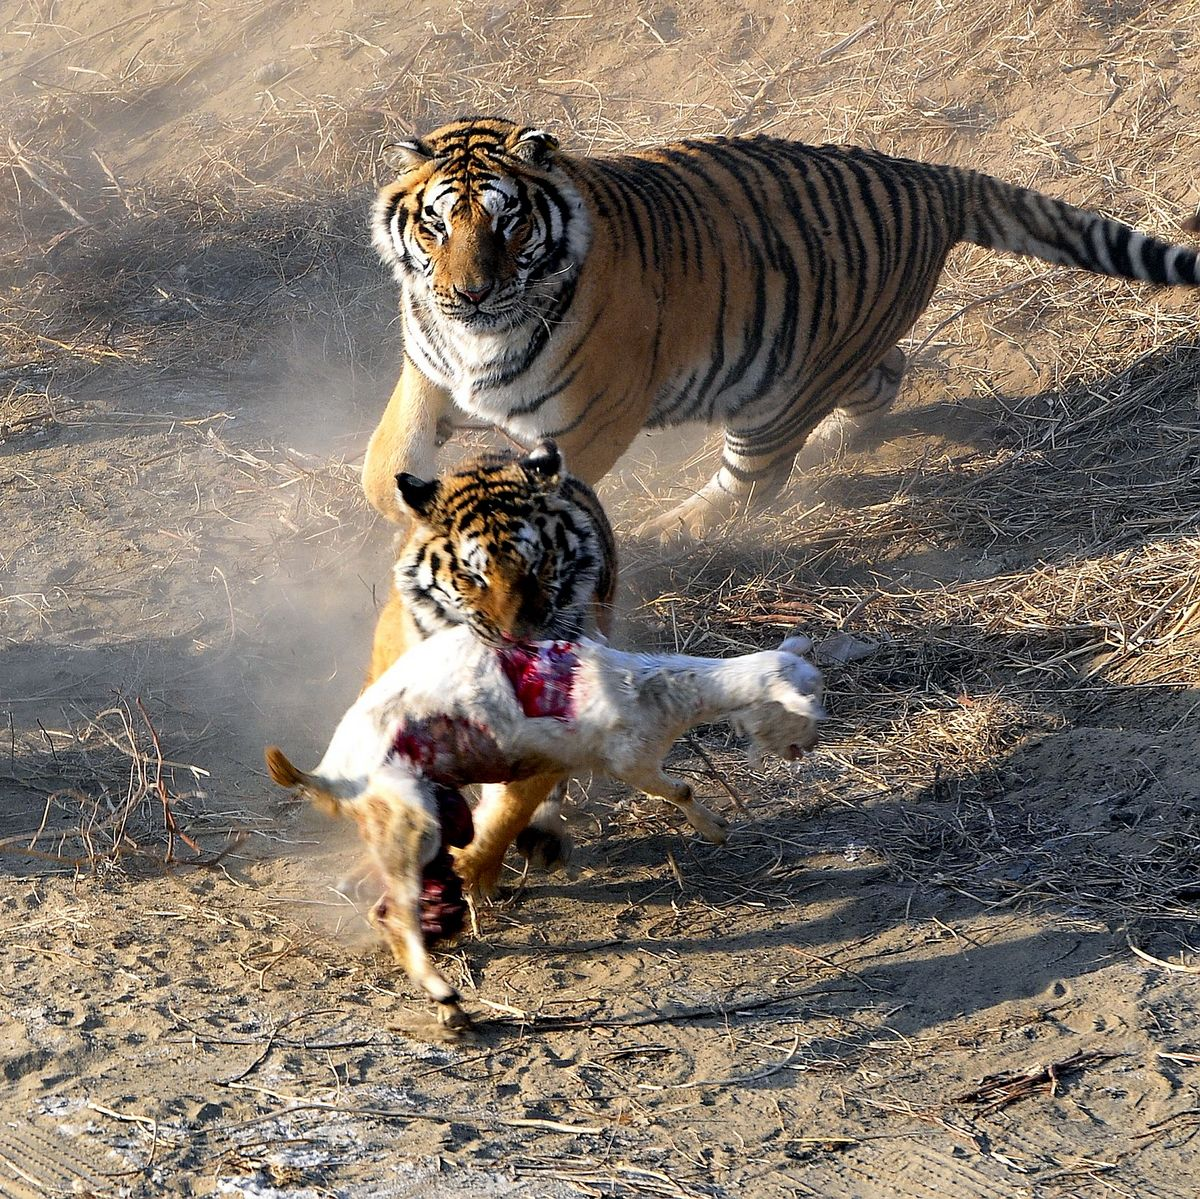 冬天里的童话——老虎和小羊